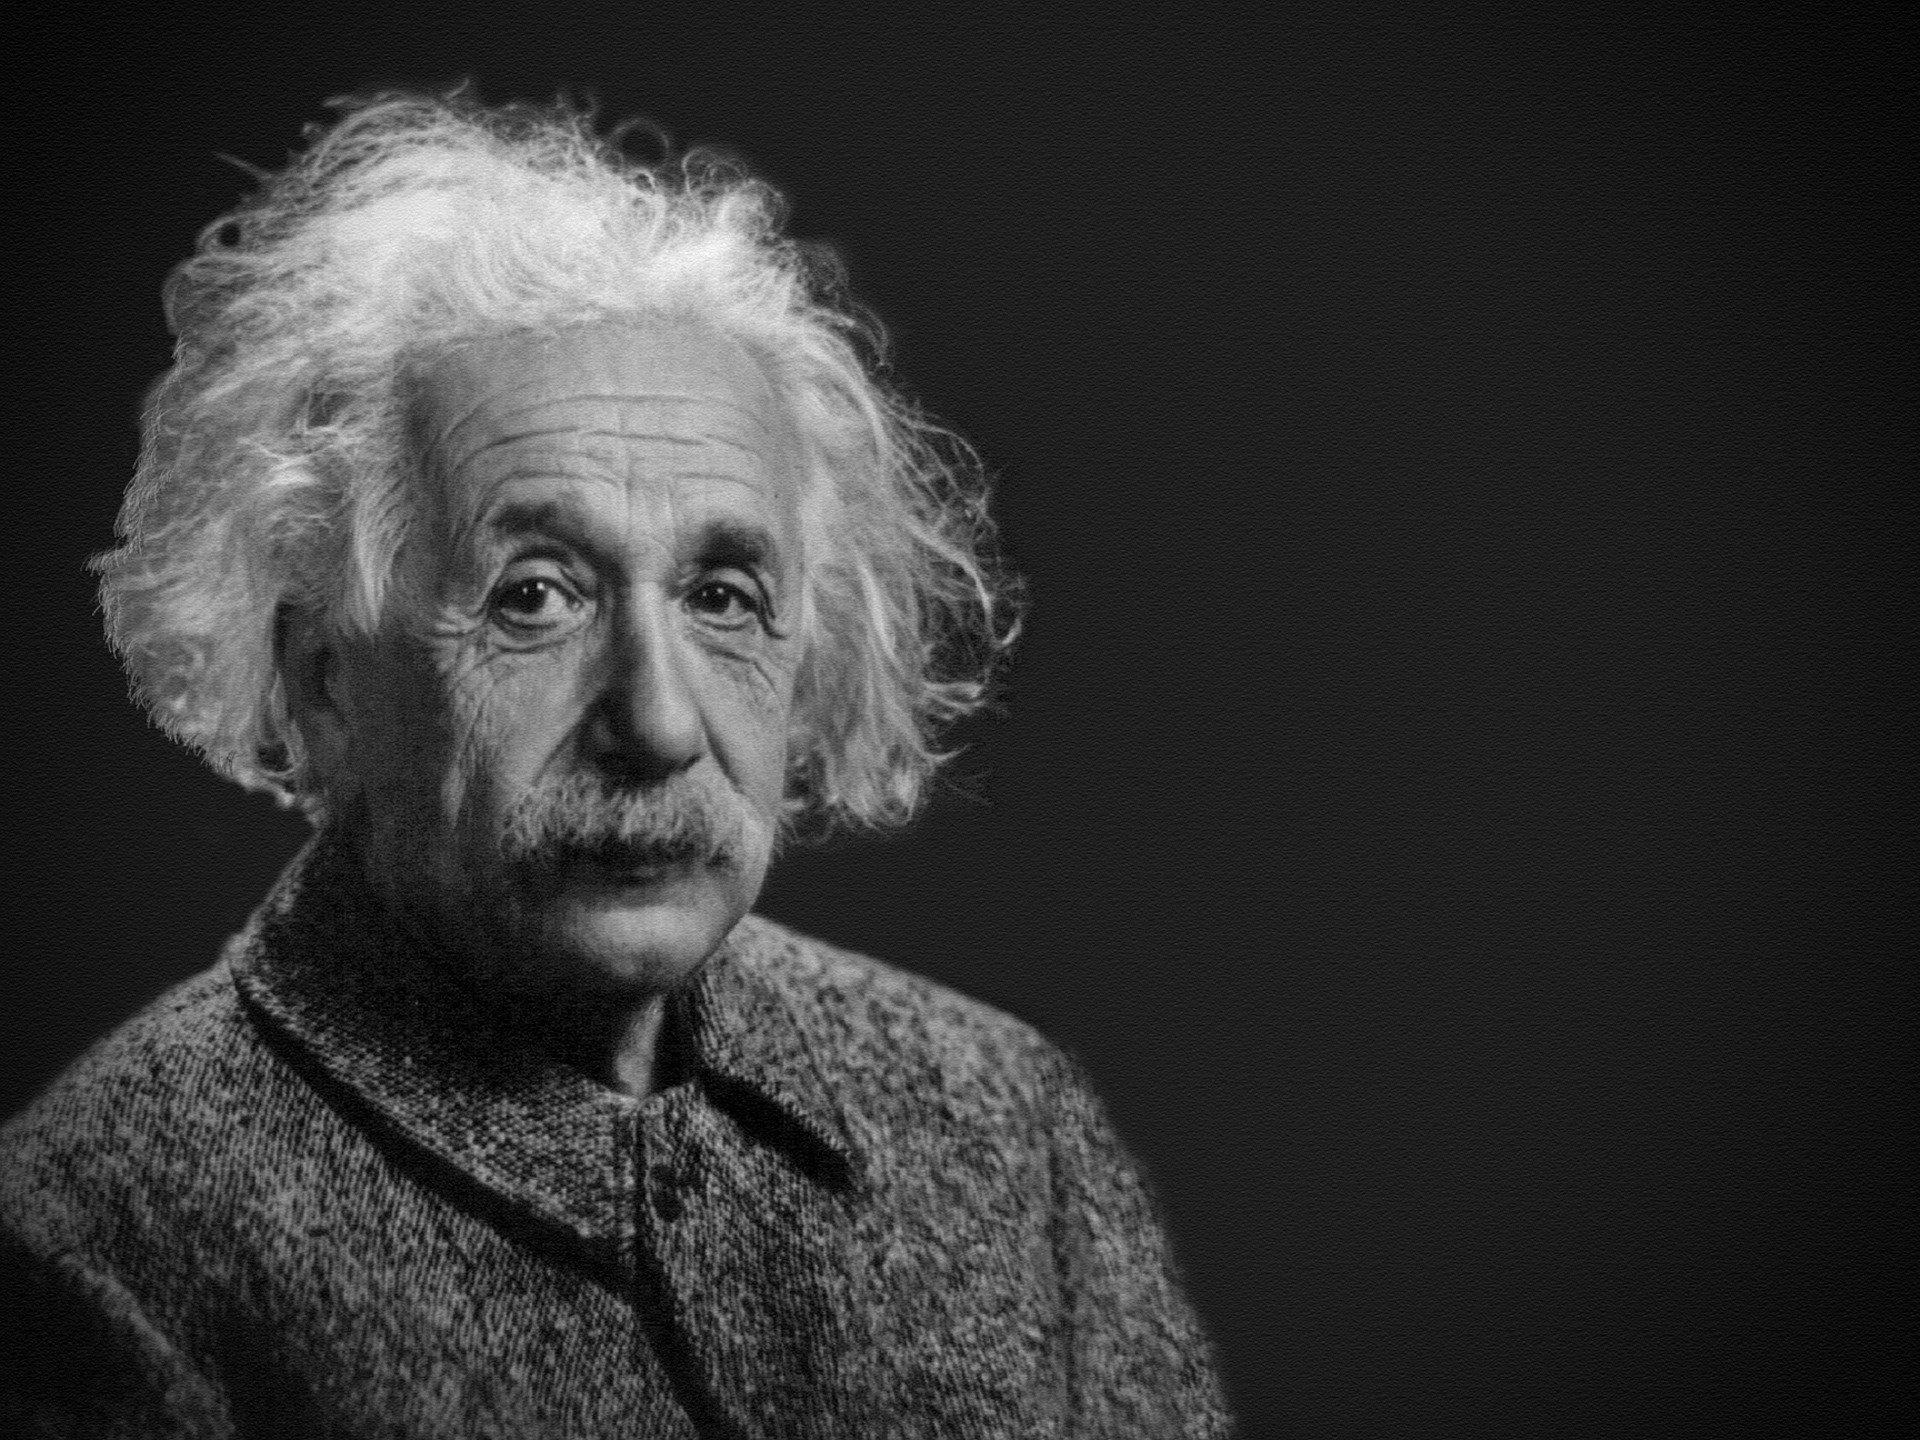 Być jak Einstein. Czy to możliwe? Jak działa nasz mózg?